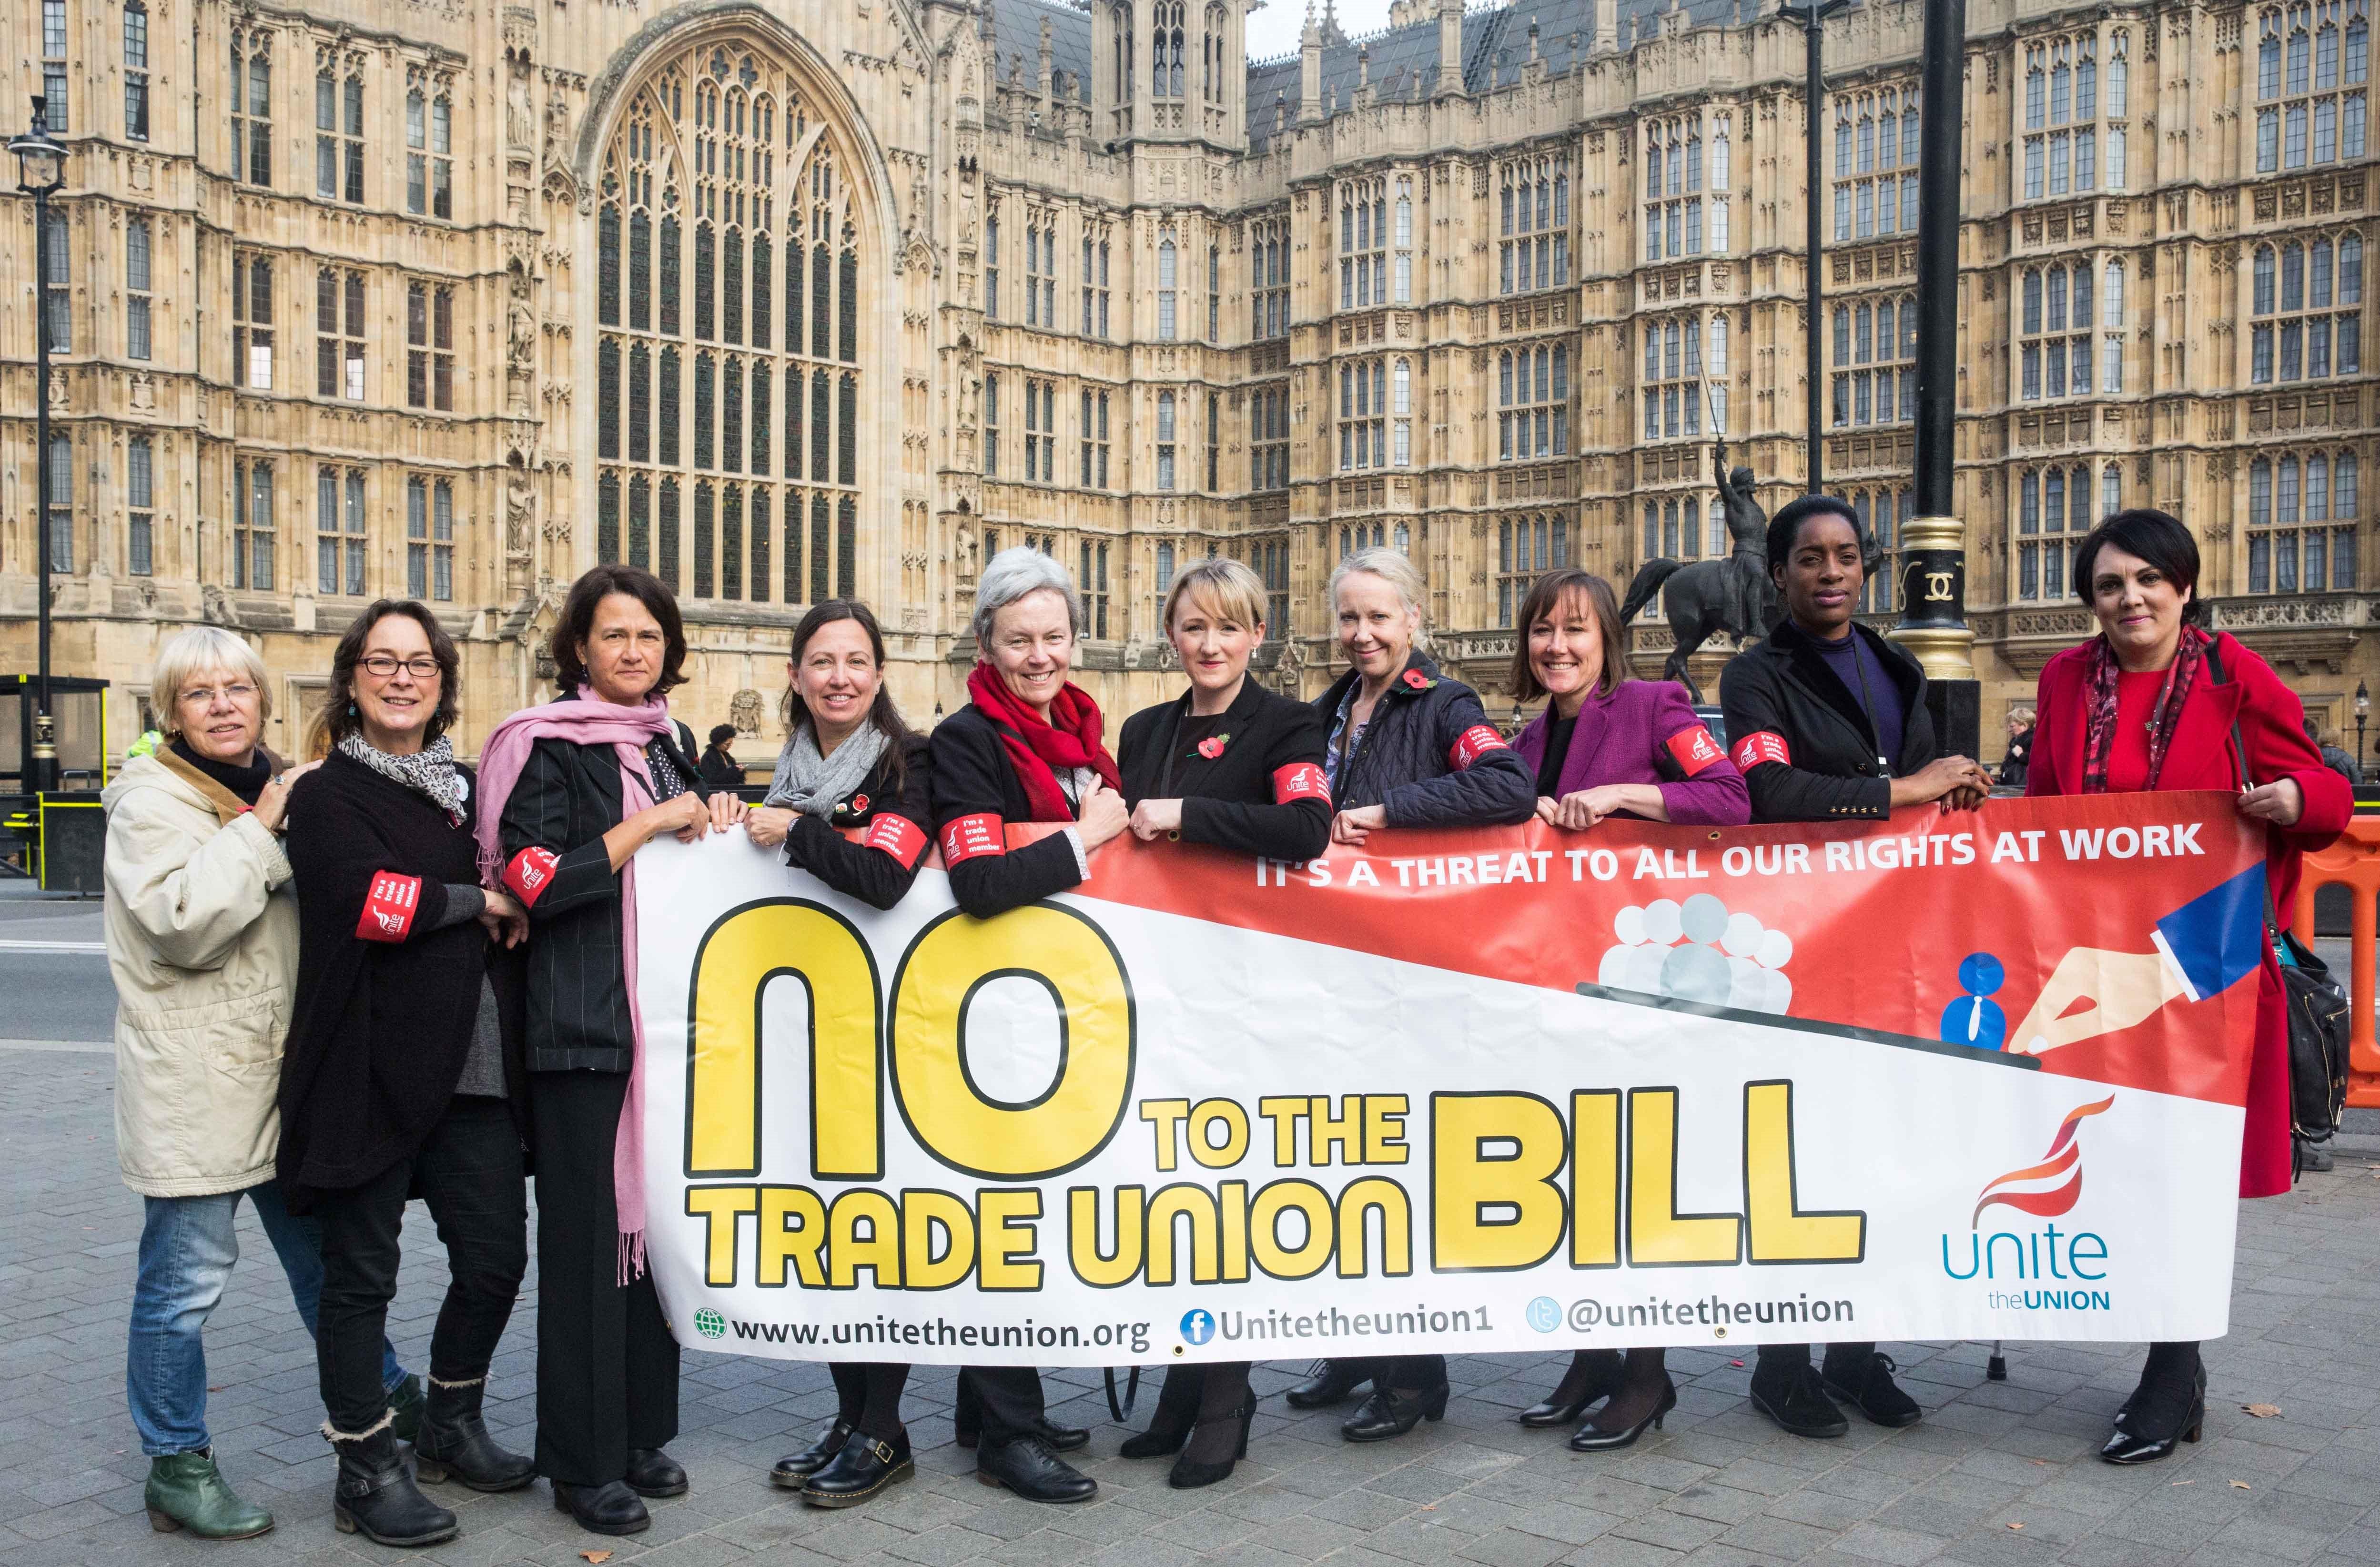 Trade_Union_Bill.jpg